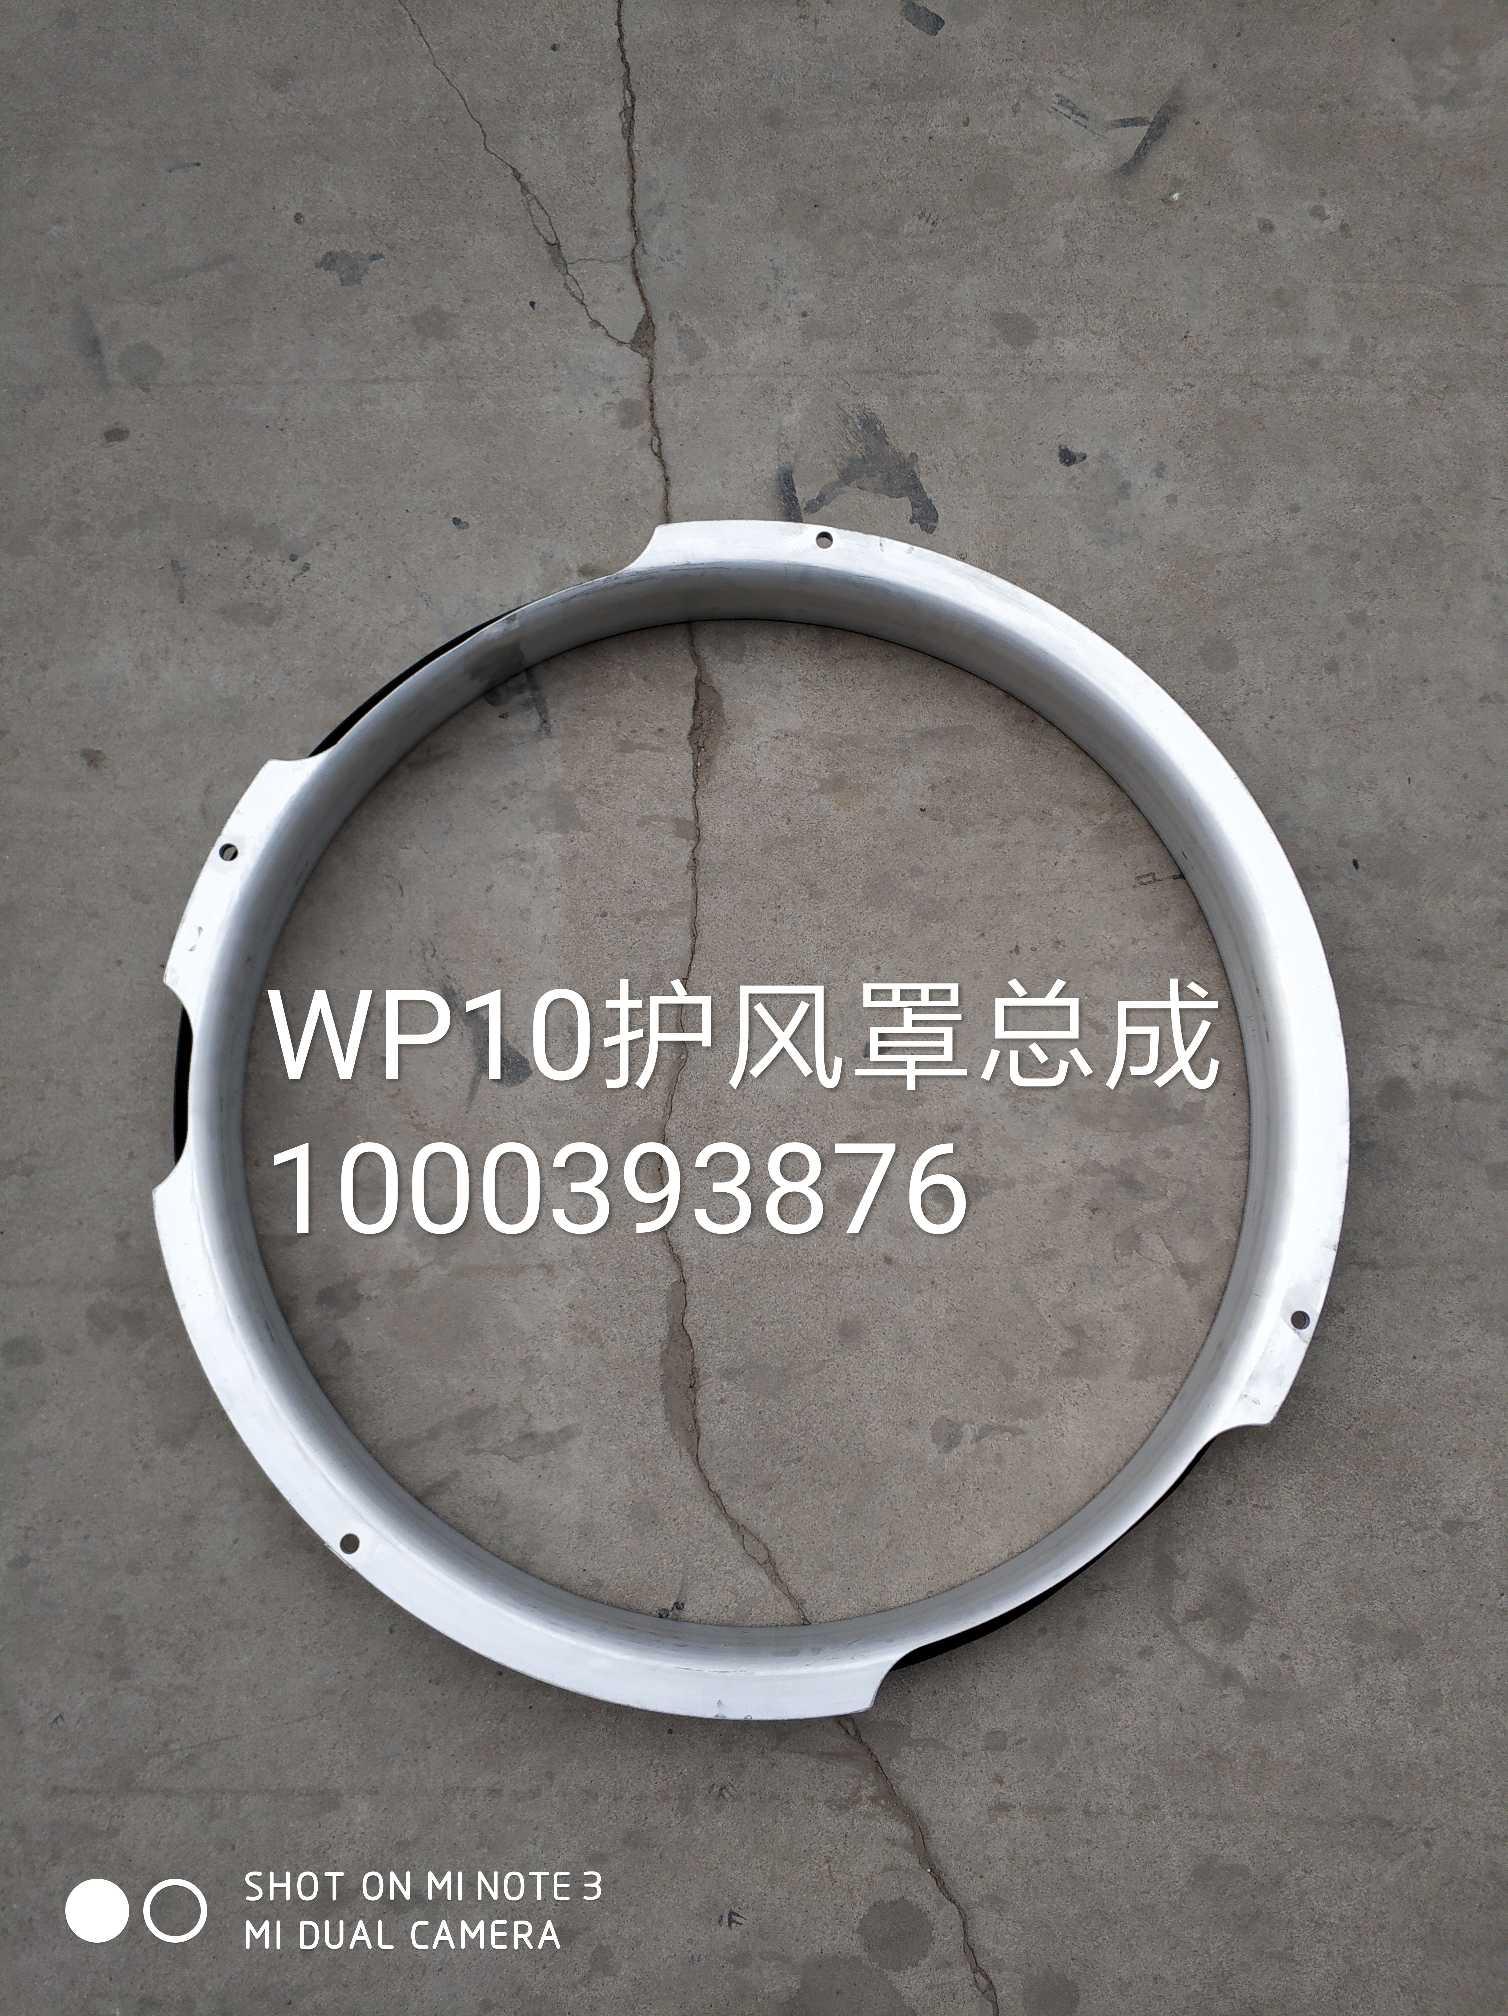 WP10护风罩总成1000393876